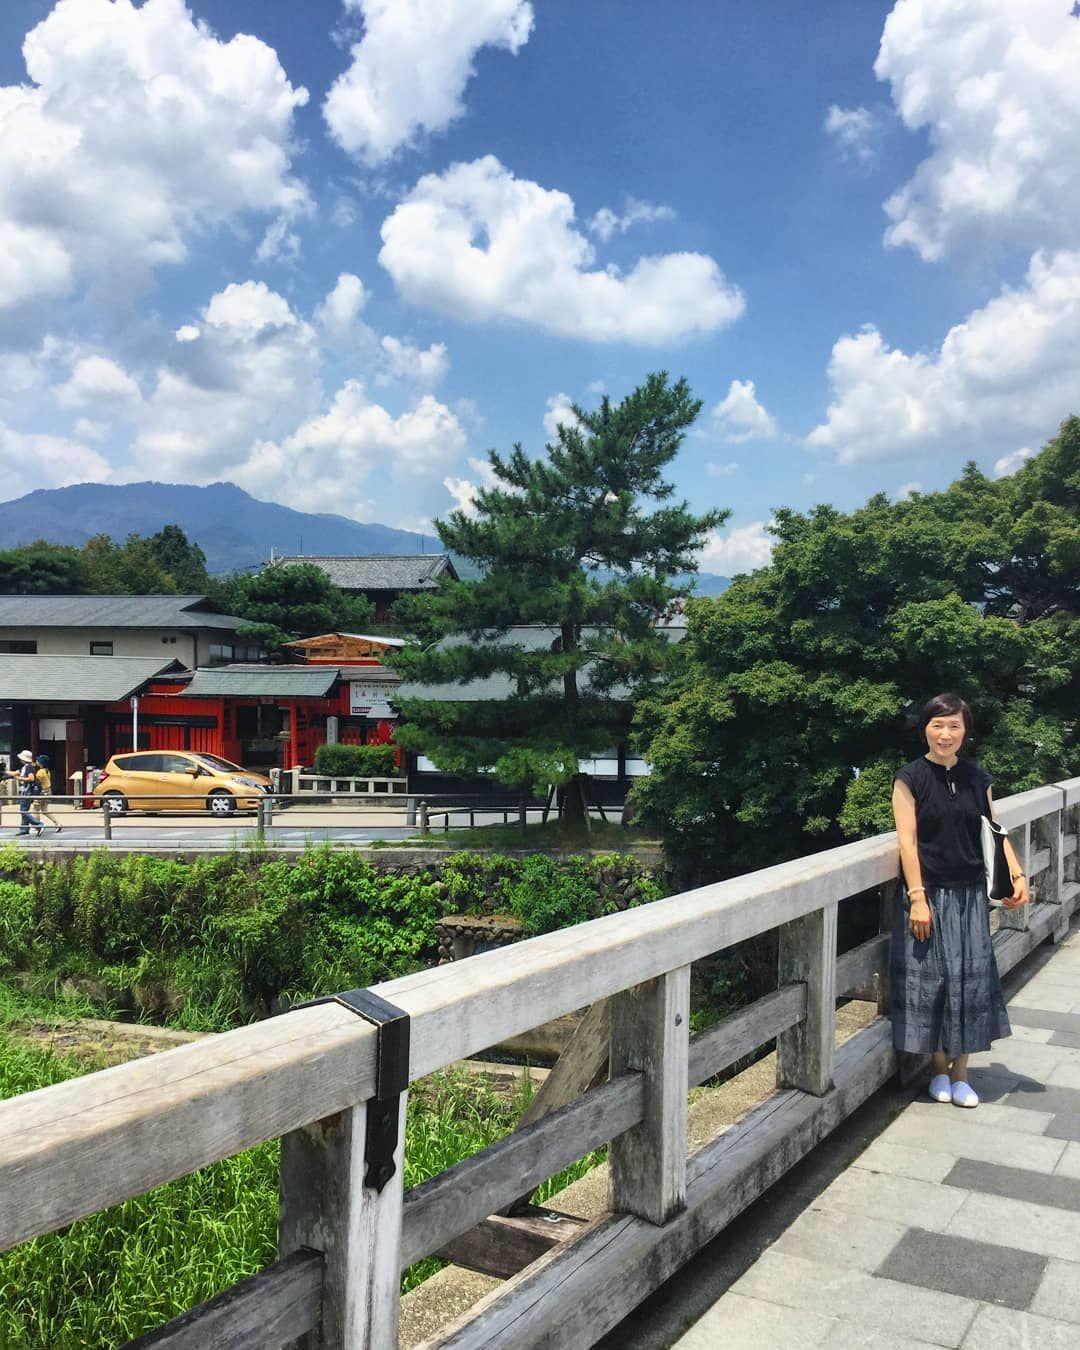 真夏の嵐山・京都🌈🌈🌈☀️☀️☀️⛅⛅⛅kyoto  #travel#vacances#temple#museum#nature#oasis#organic#ocean#outdoor#garden#holiday#patios#pension#stylish#resort